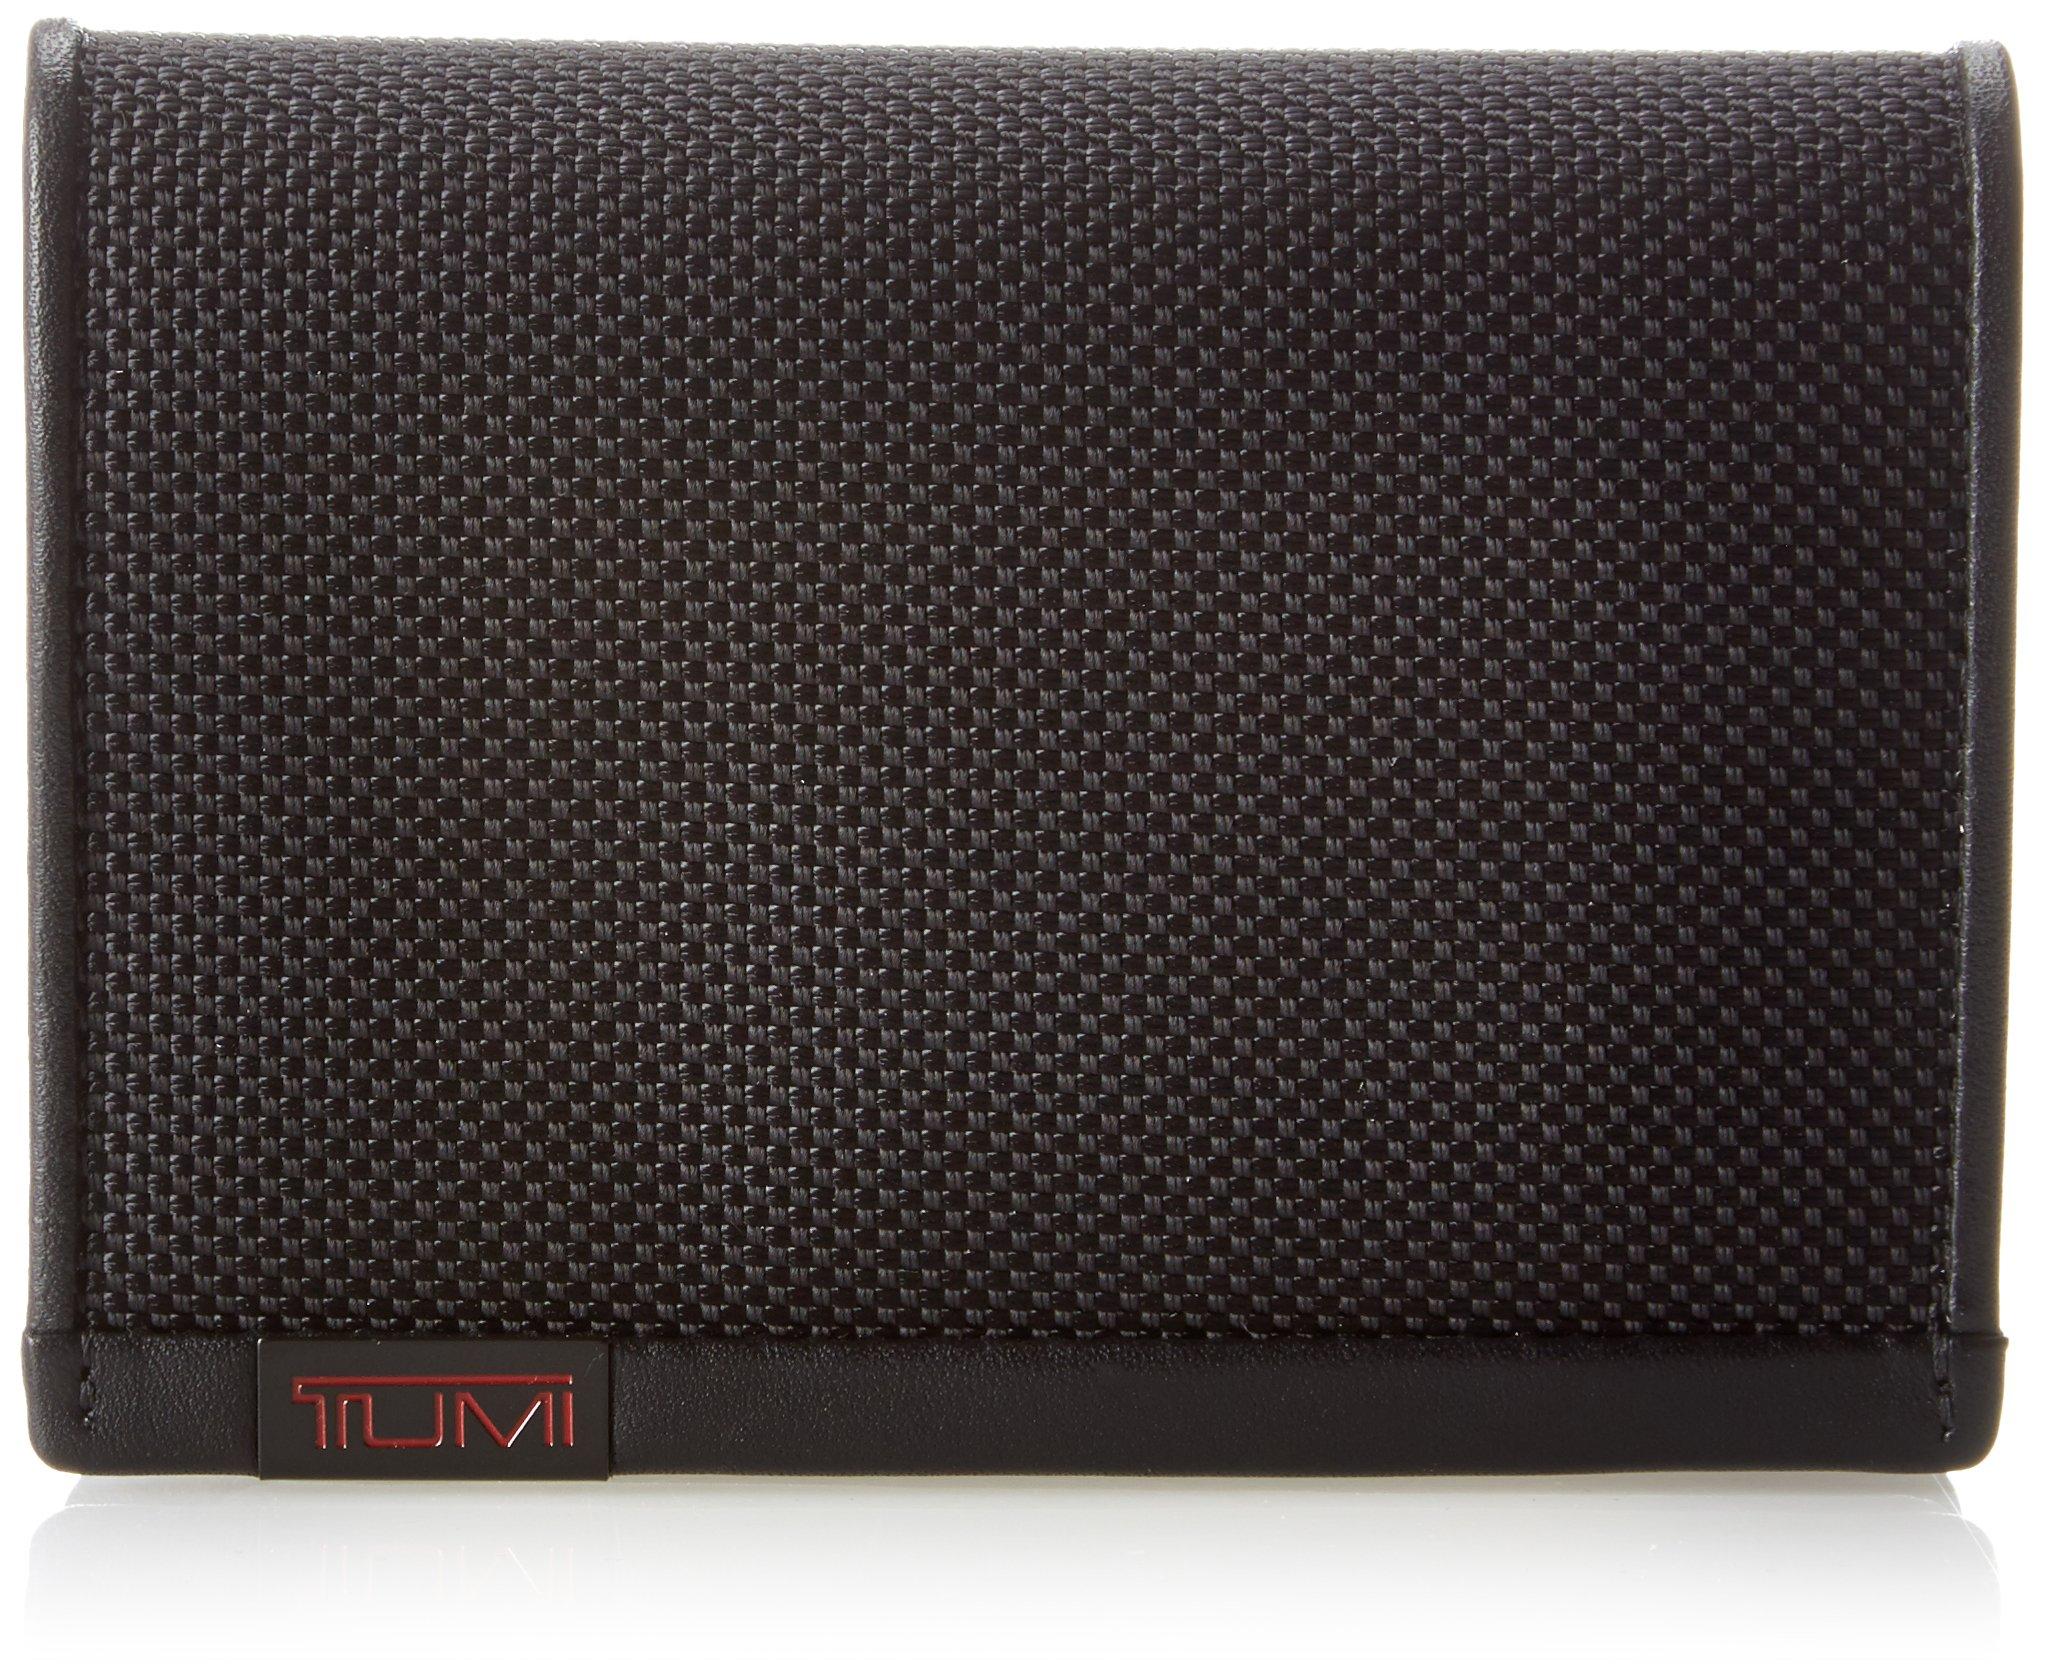 Tumi Men's Alpha L-Fold ID RFID Blocking Wallet, Black, One Size